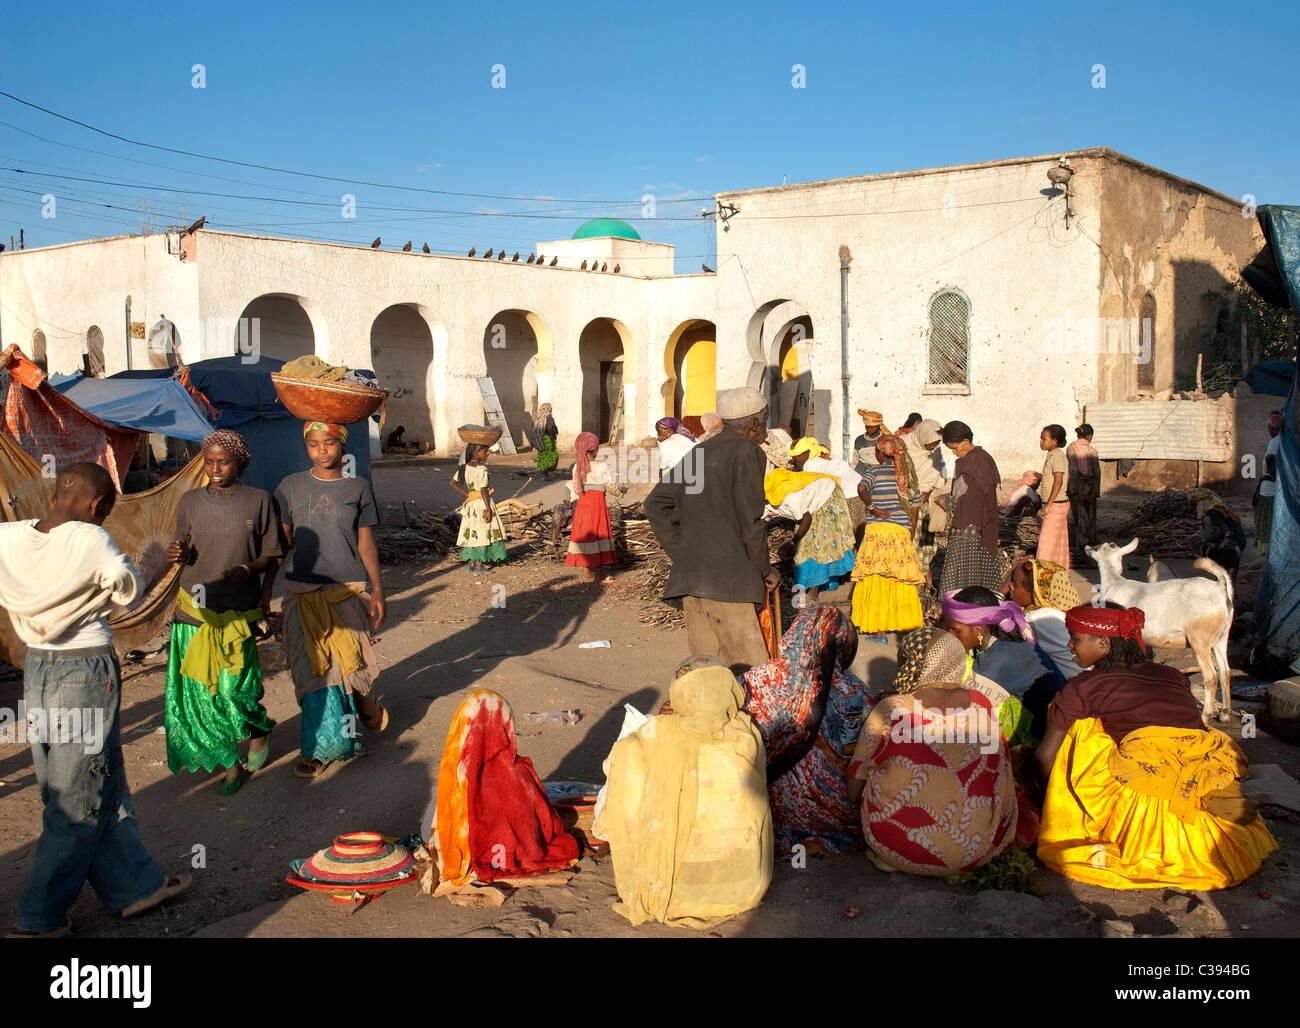 Luogo di mercato di Harar Etiopia Immagini Stock